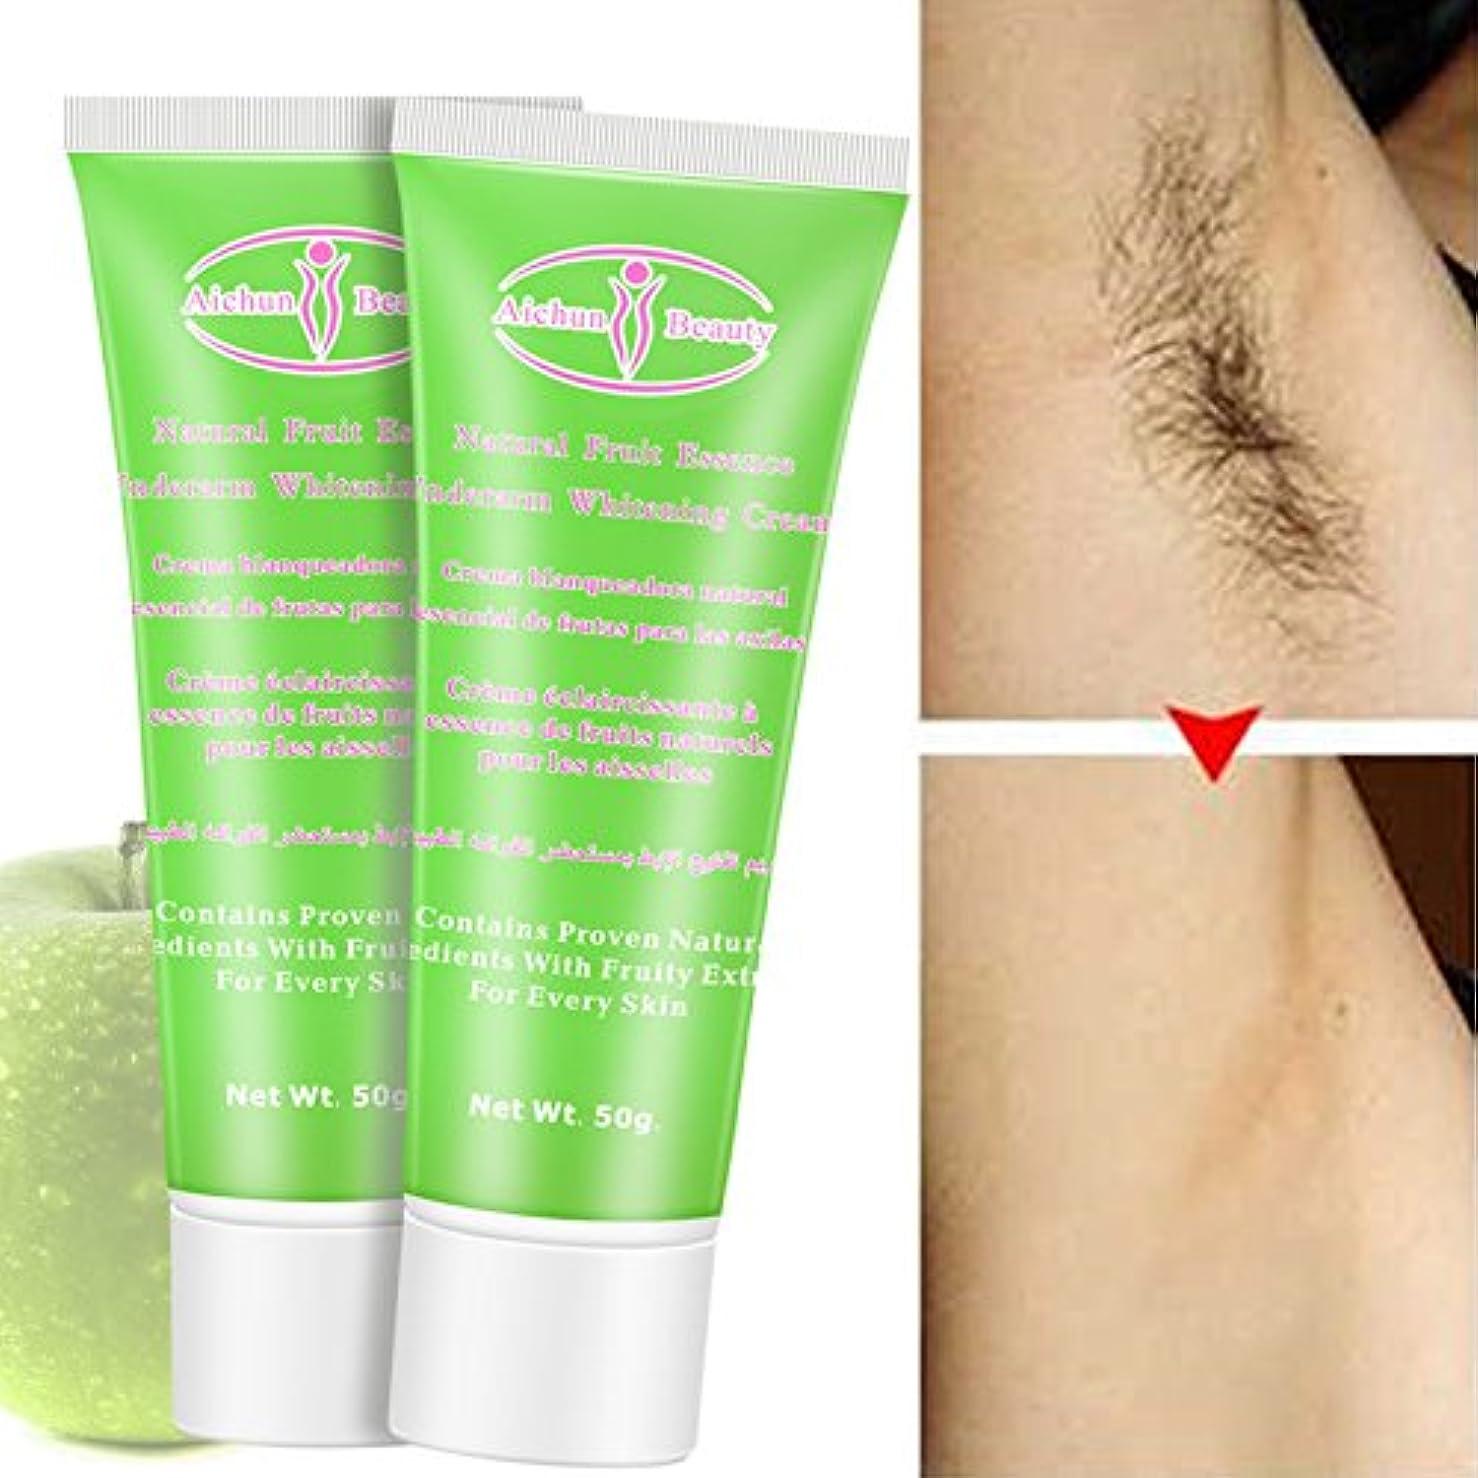 ハング発信口述するMetermall 優しい成分保湿栄養白髪脱毛修復液クリーム